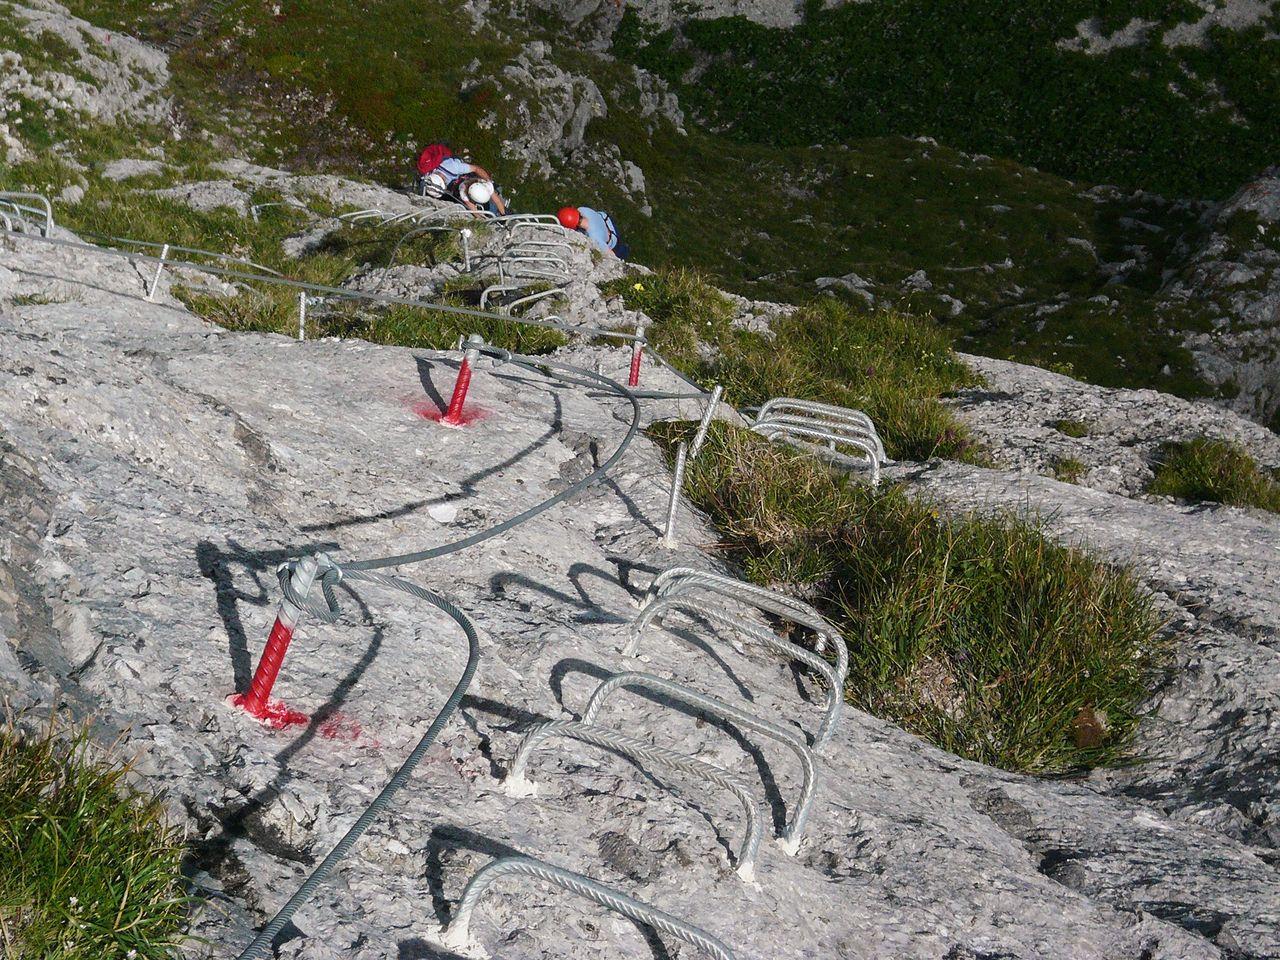 Klettersteig Gantrisch : Klettersteig gantrisch klettersteige schweizer